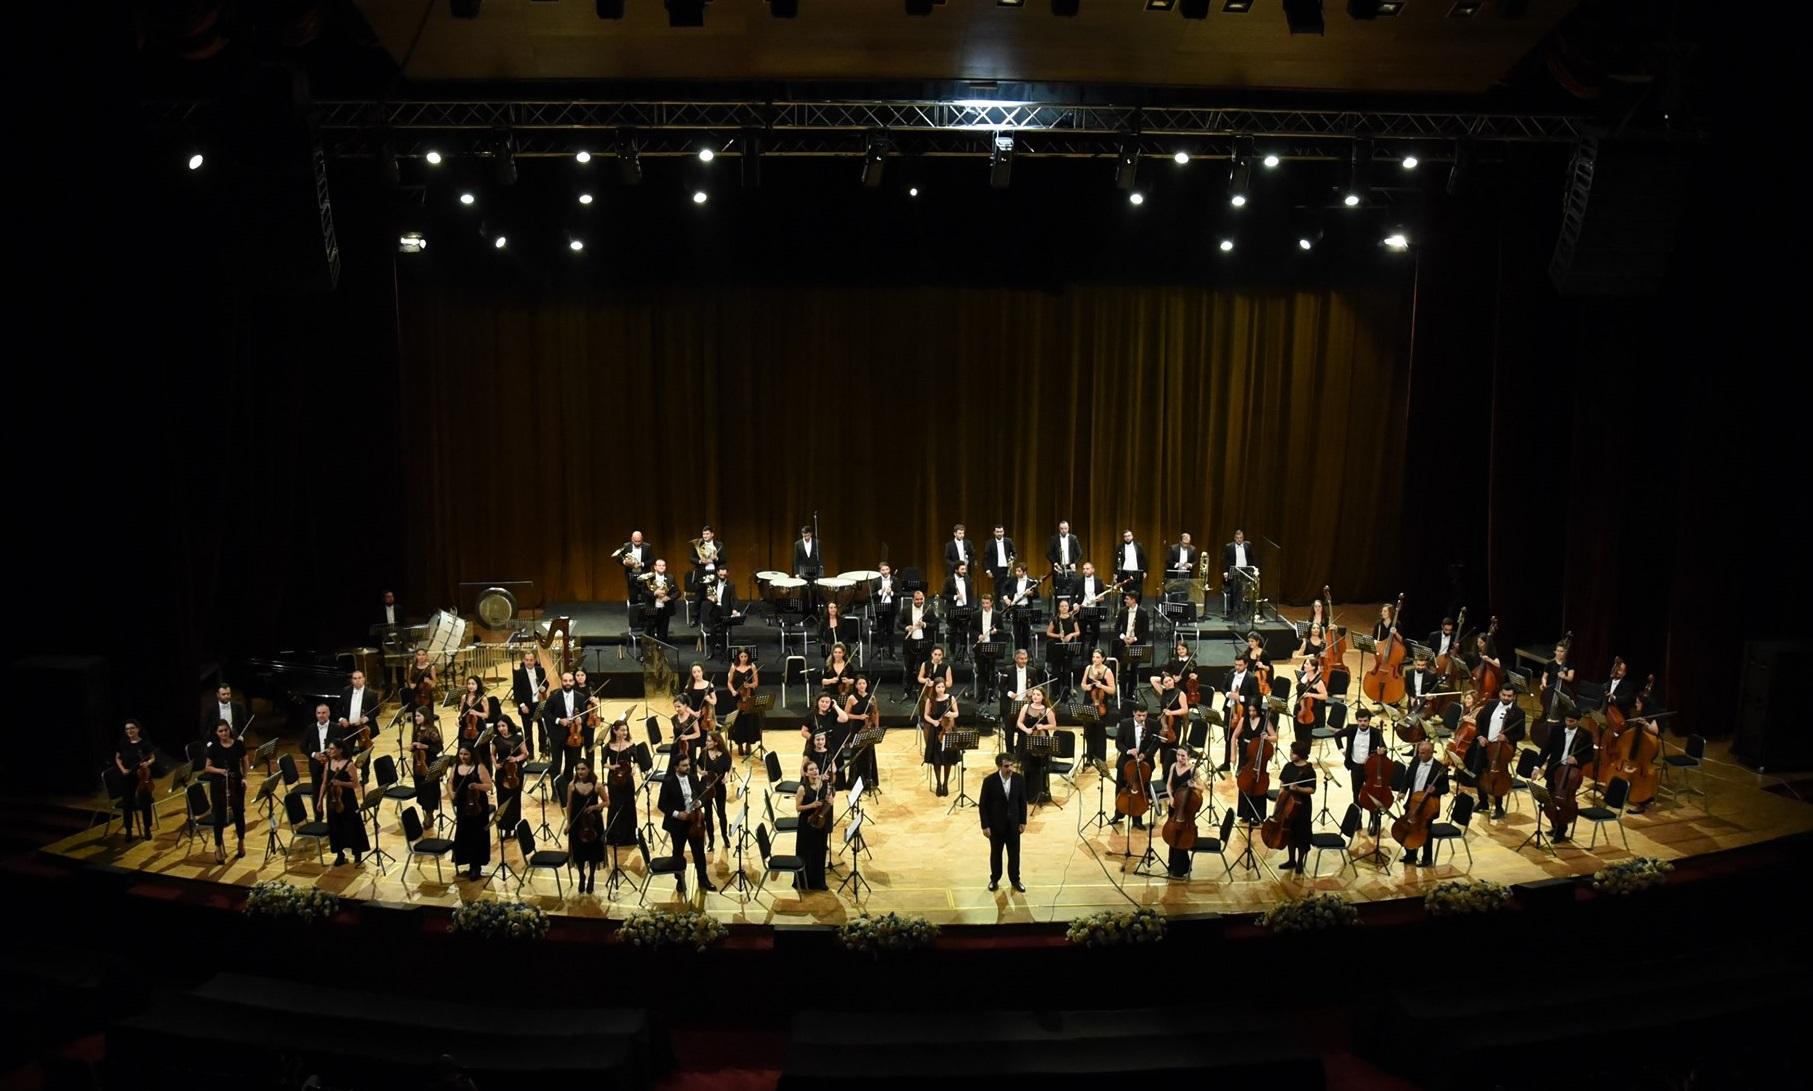 Photo of Հայաստանի պետական սիմֆոնիկ նվագախումբը 15 տարեկան է. հարուստ կենսագրություն, ինքնատիպ հնչողություն, հանդիսատեսի սեր և ձեռքբերումներով լի 15 տարի